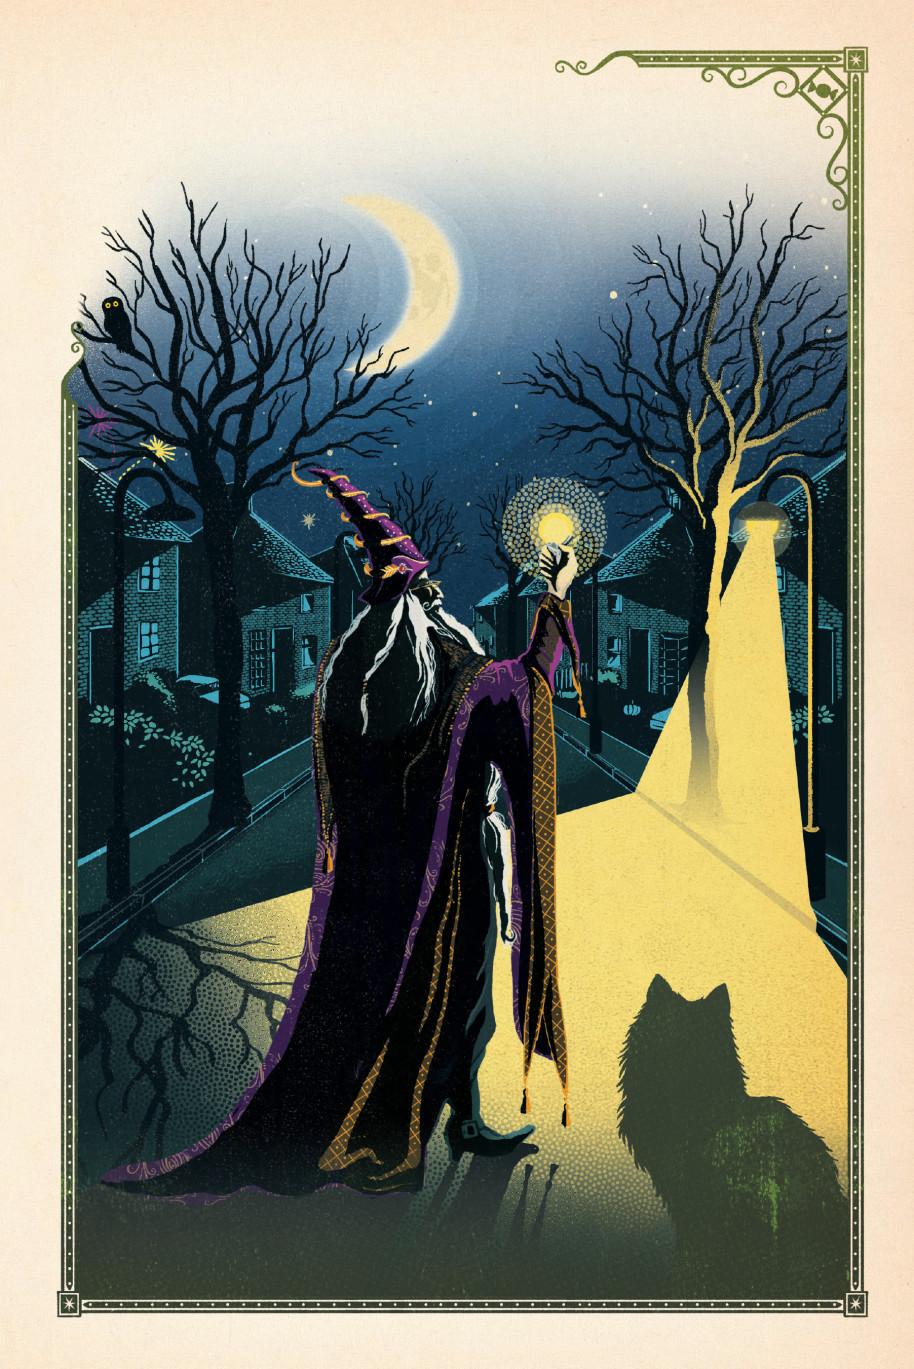 Illustration de Harry Potter à l'école des sorciers - illustré par MinaLima - Dumbledore et son éteignoir à Privet Drive